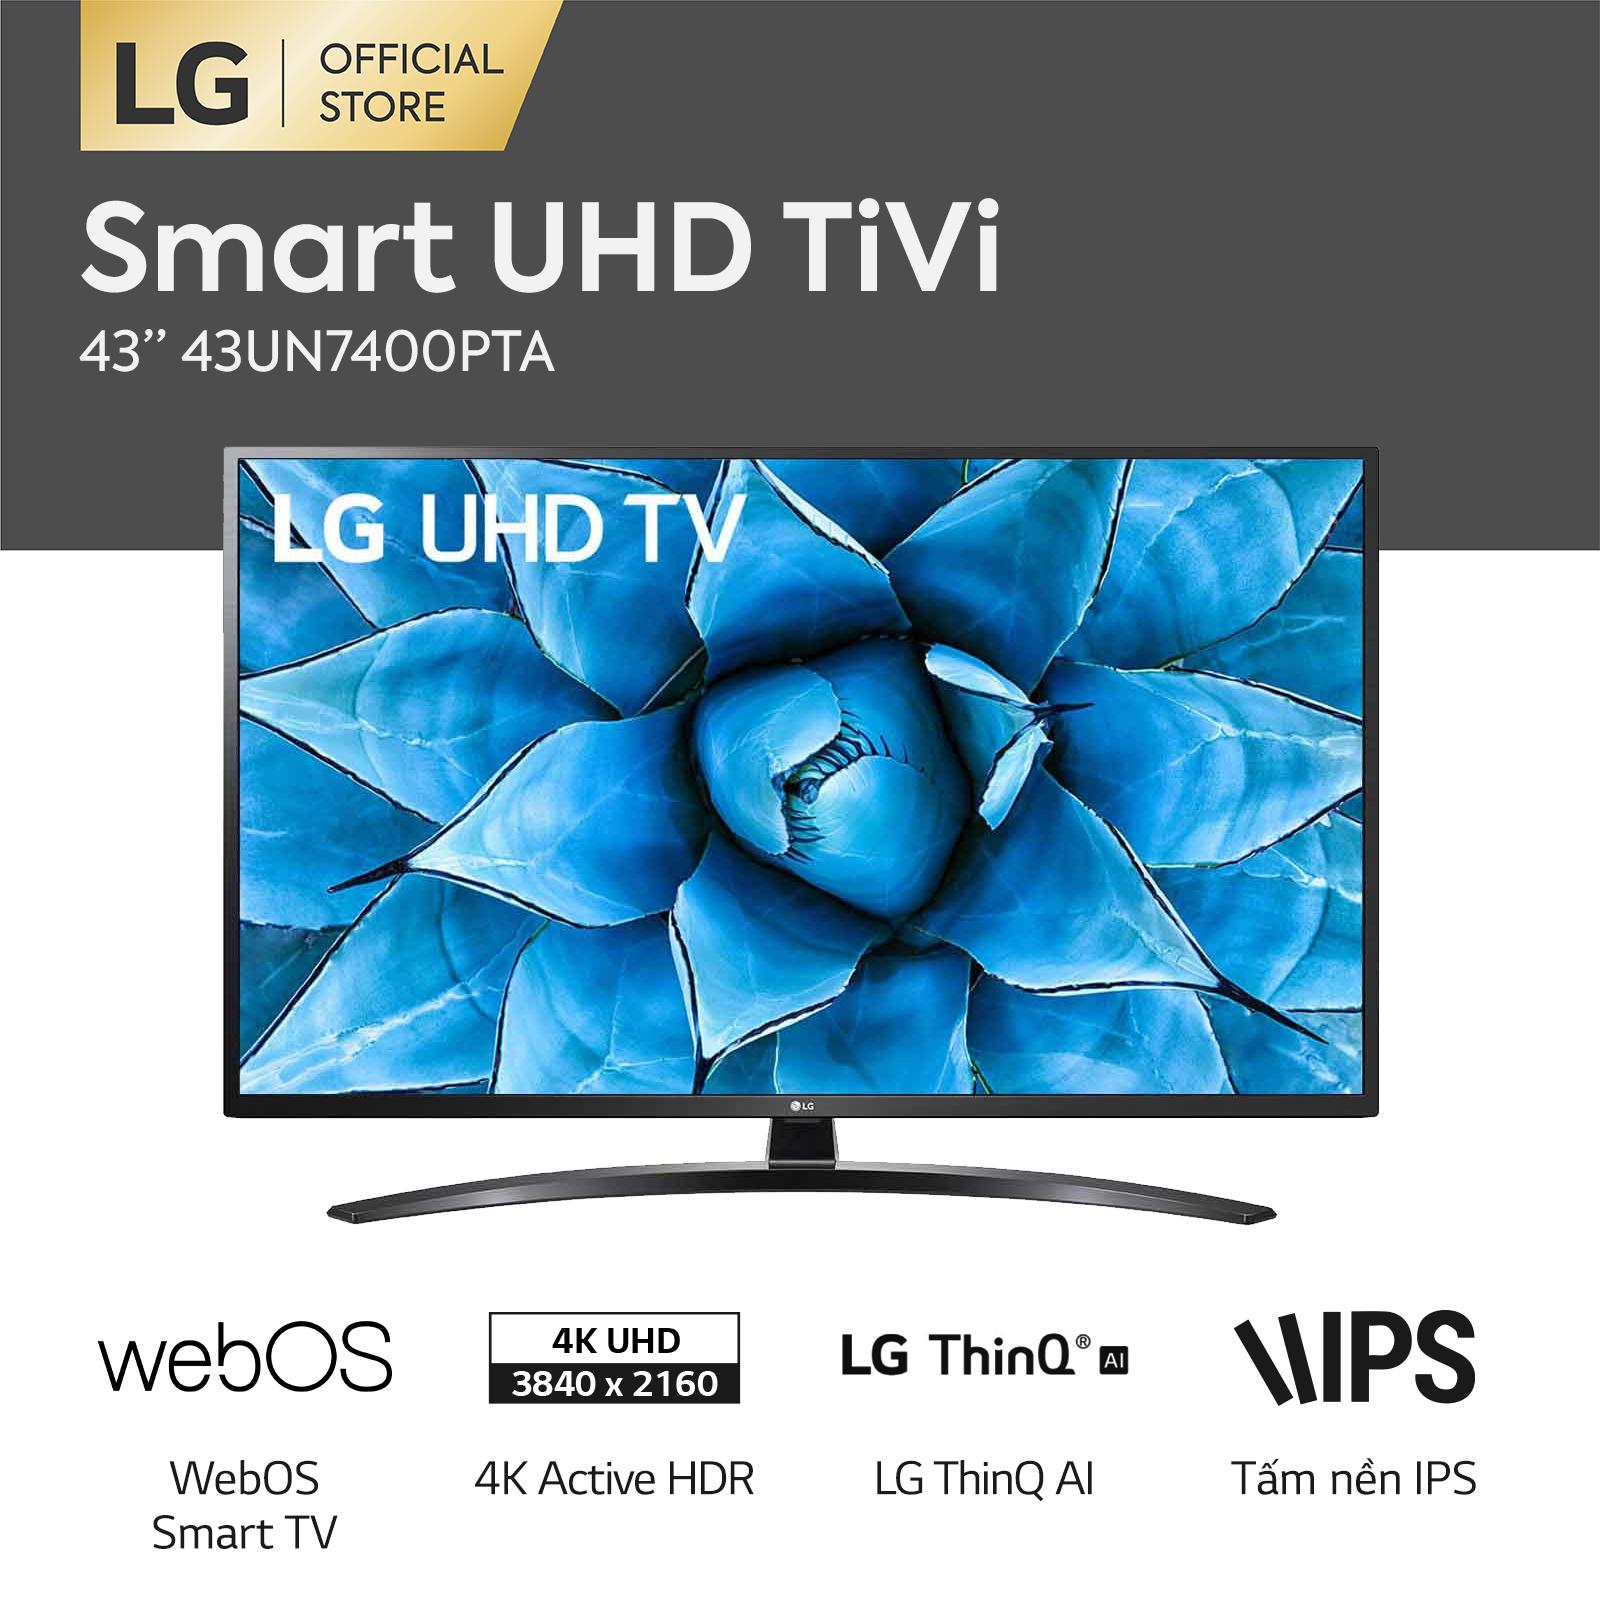 [FREESHIP 500K TOÀN QUỐC] Smart Tivi LG 43 inch 4K UHD 43UN7400PTA Model 2020 – Hãng phân phối chính thức